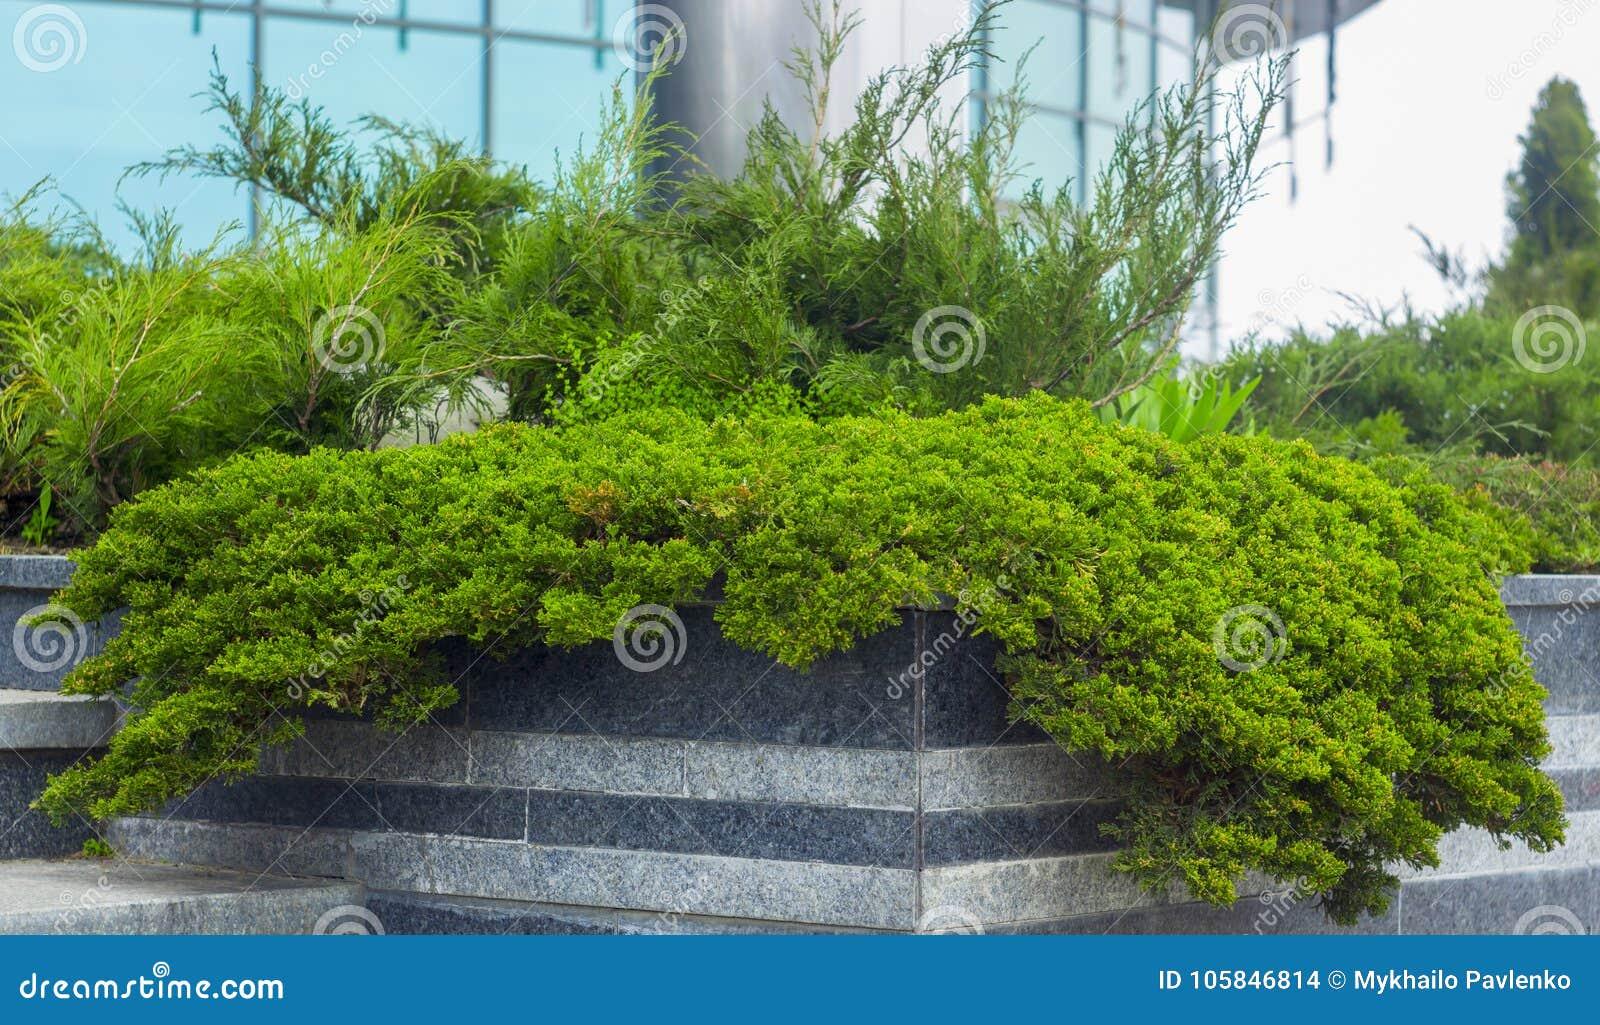 Να συρθεί ποικιλιών horizontalis Agnieszka ιοuνίπερος ιουνιπέρων στο δύσκολο κήπο